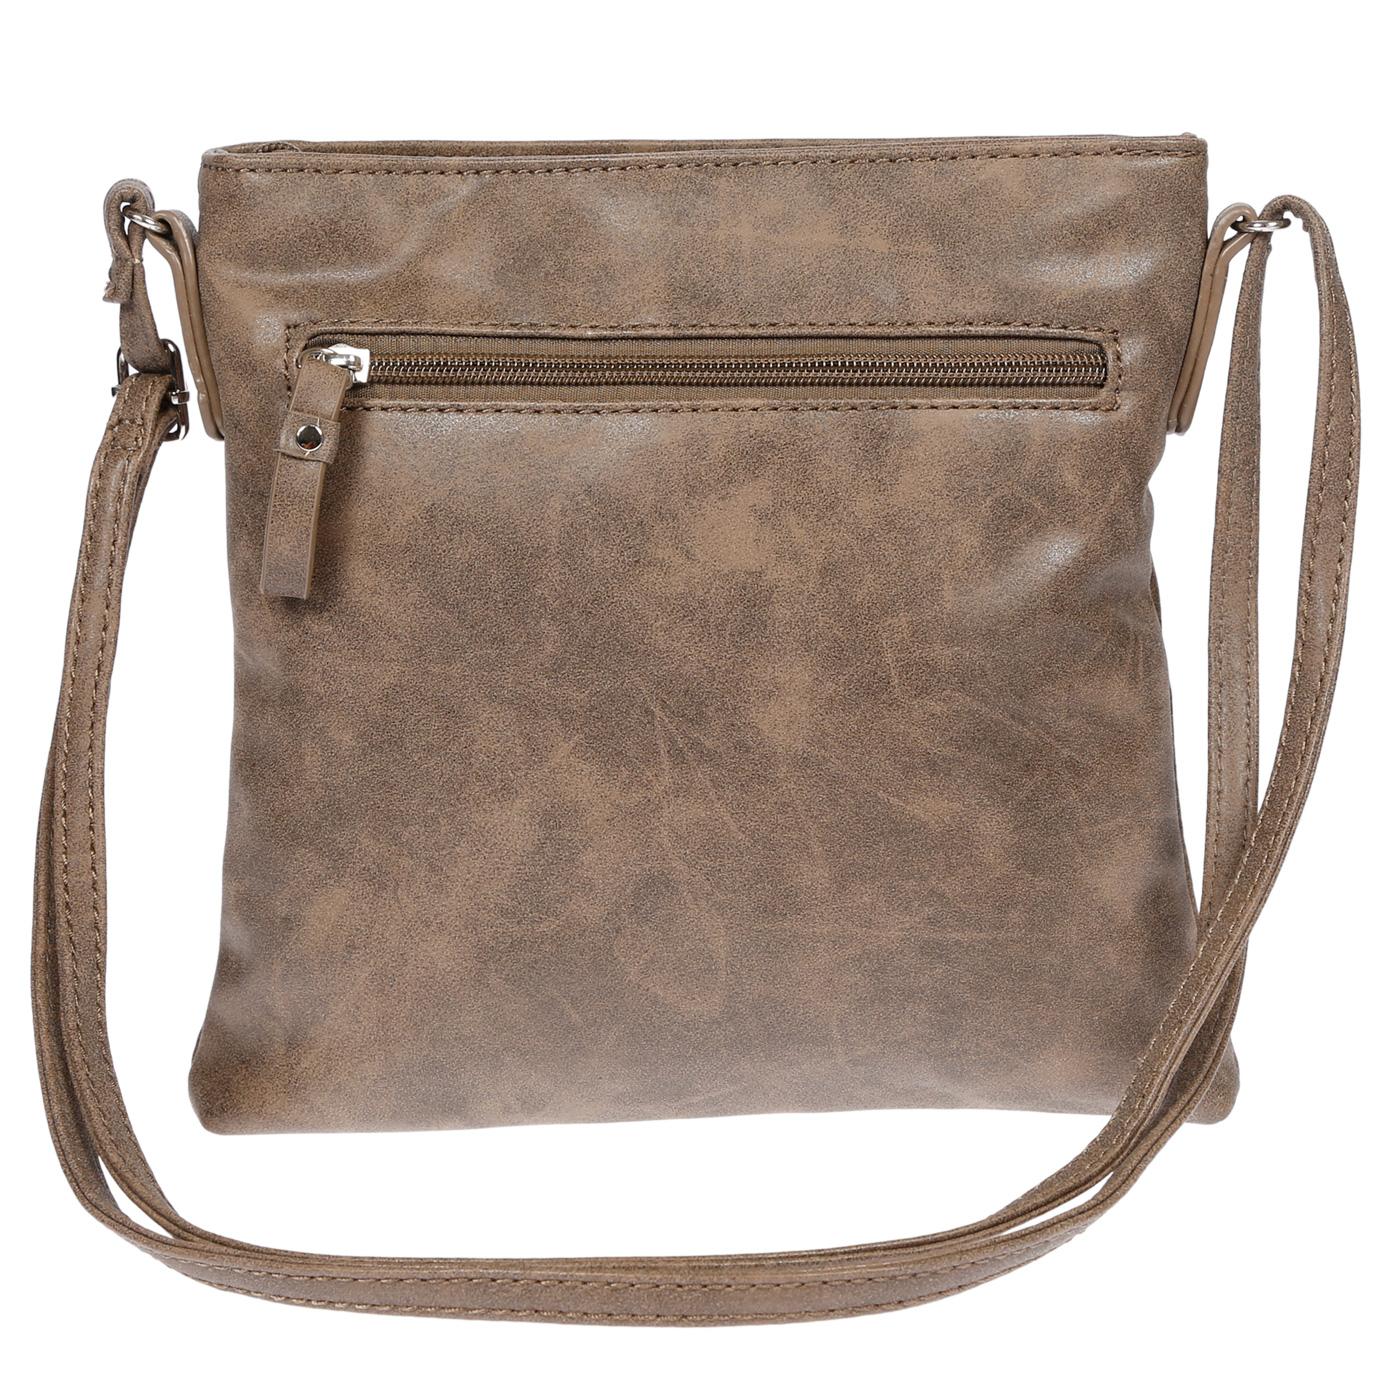 Damen-Handtasche-Umhaengetasche-Schultertasche-Tasche-Leder-Optik-Schwarz-Weiss Indexbild 19